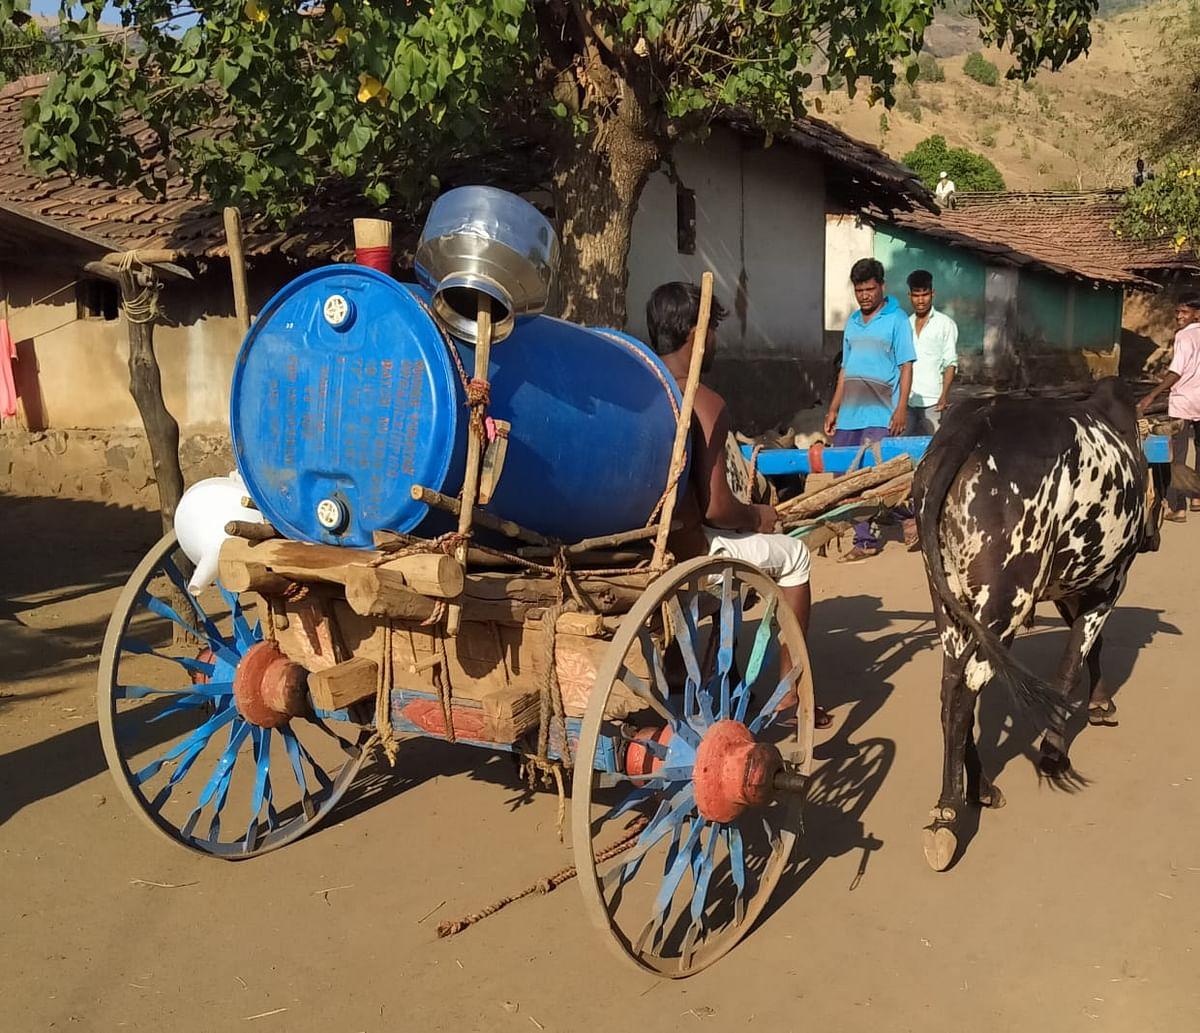 इगतपुरीत धरण उशाला कोरड घशाला; महाराष्ट्राच्या चेरापुंजीमध्ये जलसंकट